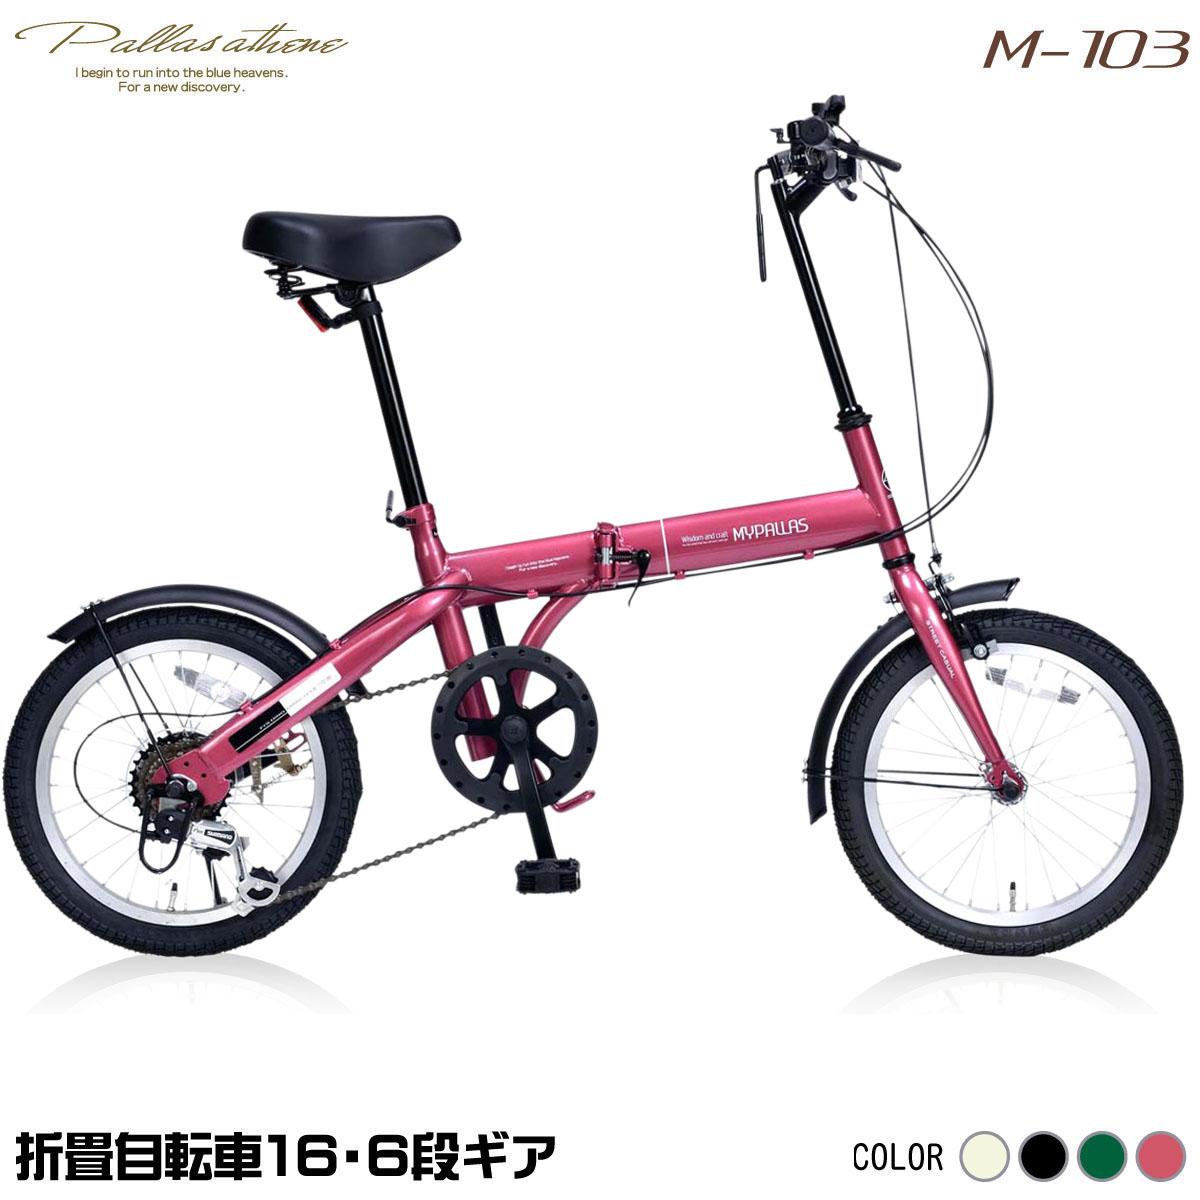 【送料無料】マイパラス M-103-RO ルージュ [折りたたみ自転車(16インチ・6段変速)] M-103-RO【同梱配送不可】 ルージュ【代引き不可】【本州以外配送不可】, ピックアップマート:01d459f7 --- jpworks.be